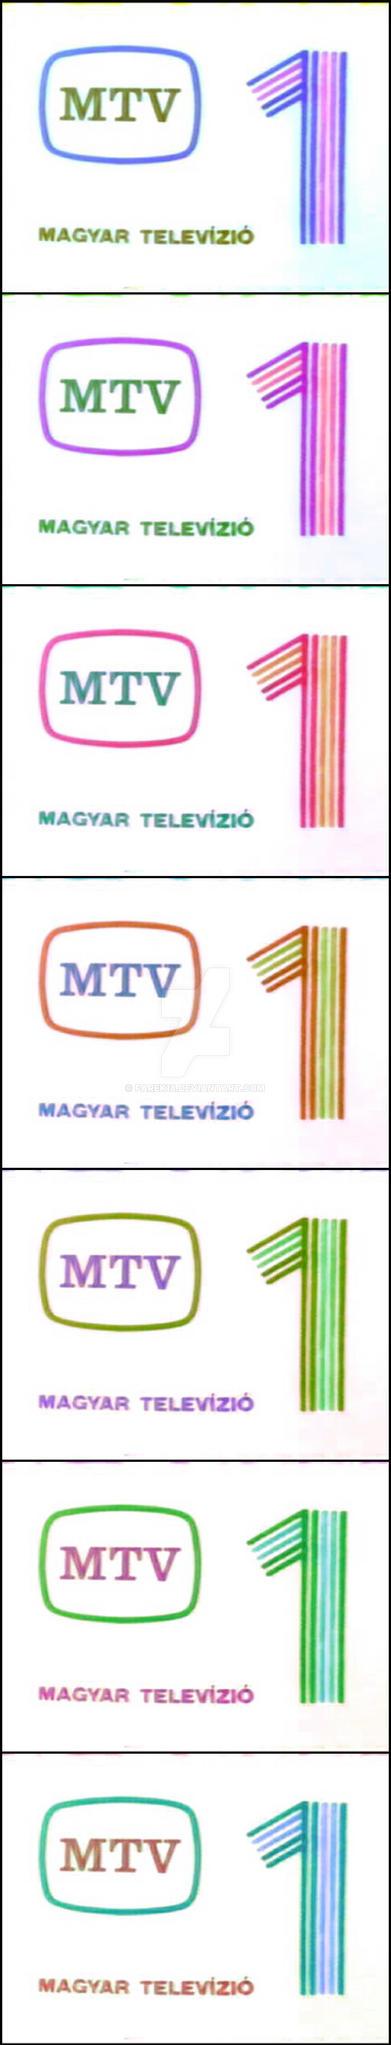 MTV 1 logo negative color variation #02 by farek18